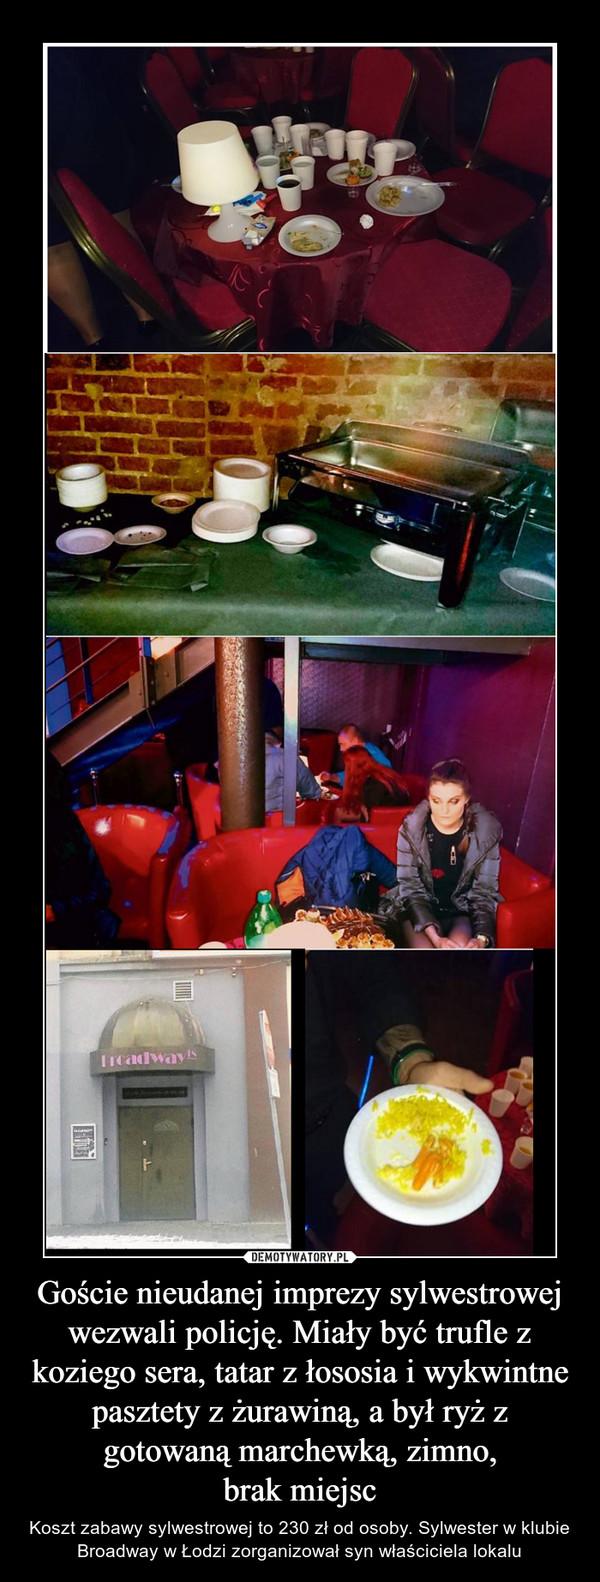 Goście nieudanej imprezy sylwestrowej wezwali policję. Miały być trufle z koziego sera, tatar z łososia i wykwintne pasztety z żurawiną, a był ryż z gotowaną marchewką, zimno,brak miejsc – Koszt zabawy sylwestrowej to 230 zł od osoby. Sylwester w klubie Broadway w Łodzi zorganizował syn właściciela lokalu